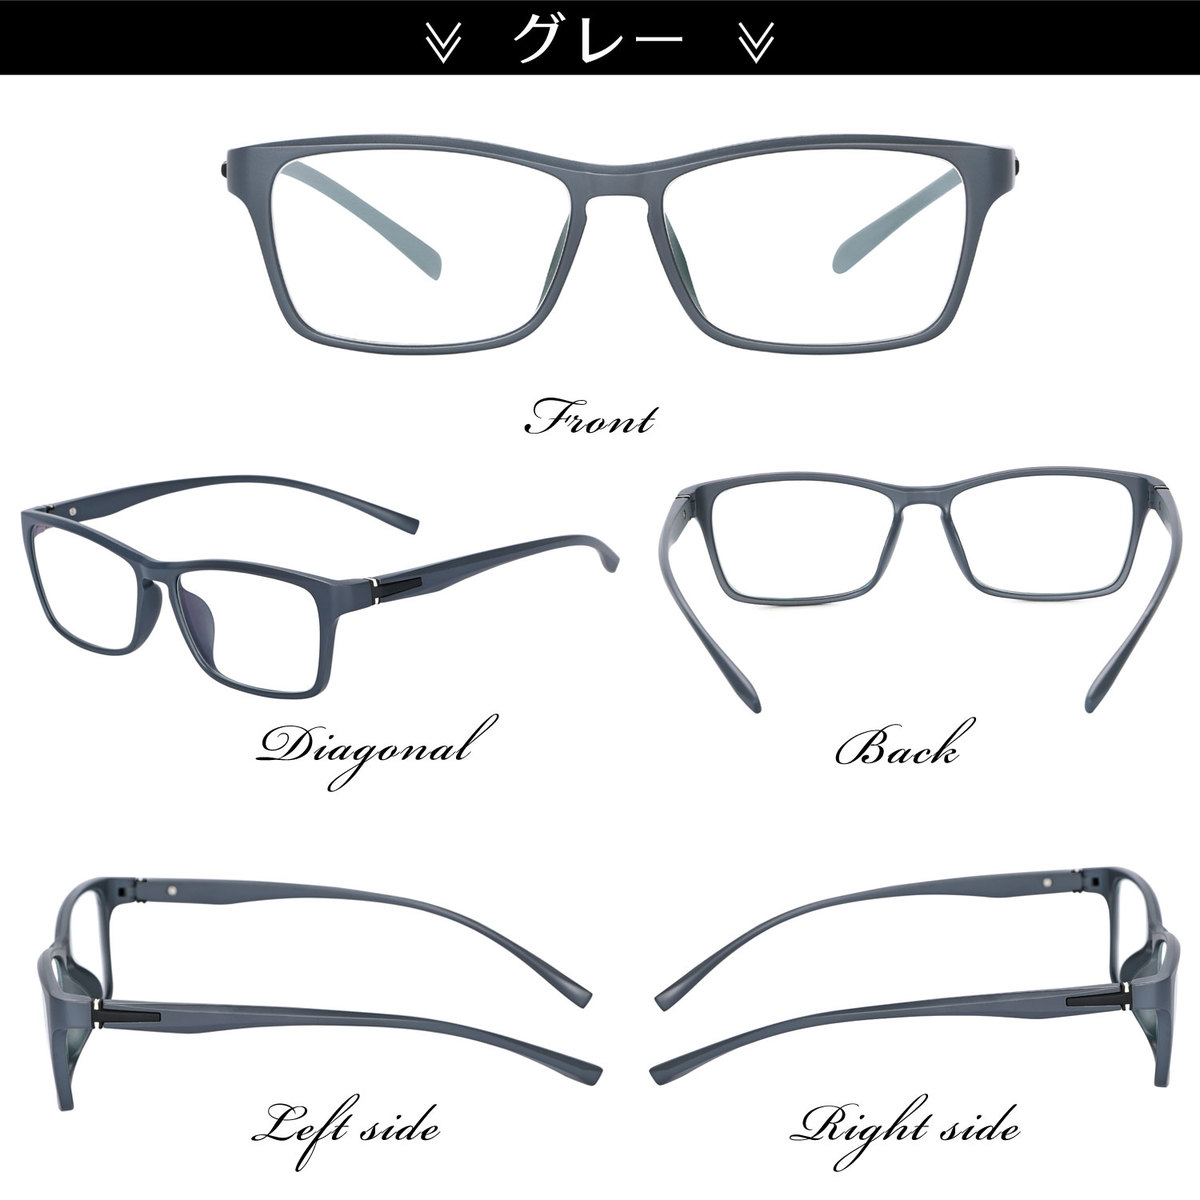 ランキング1位獲得 JIS検査済 PCメガネ パソコン メガネ ブルーライトカット 96% PCめがね PC眼鏡 ブルーライトカット眼鏡 レンズ 度なし UVカット UV420 メンズ レディース 男女兼用 紫外線カット 紫外線対策 送料無料